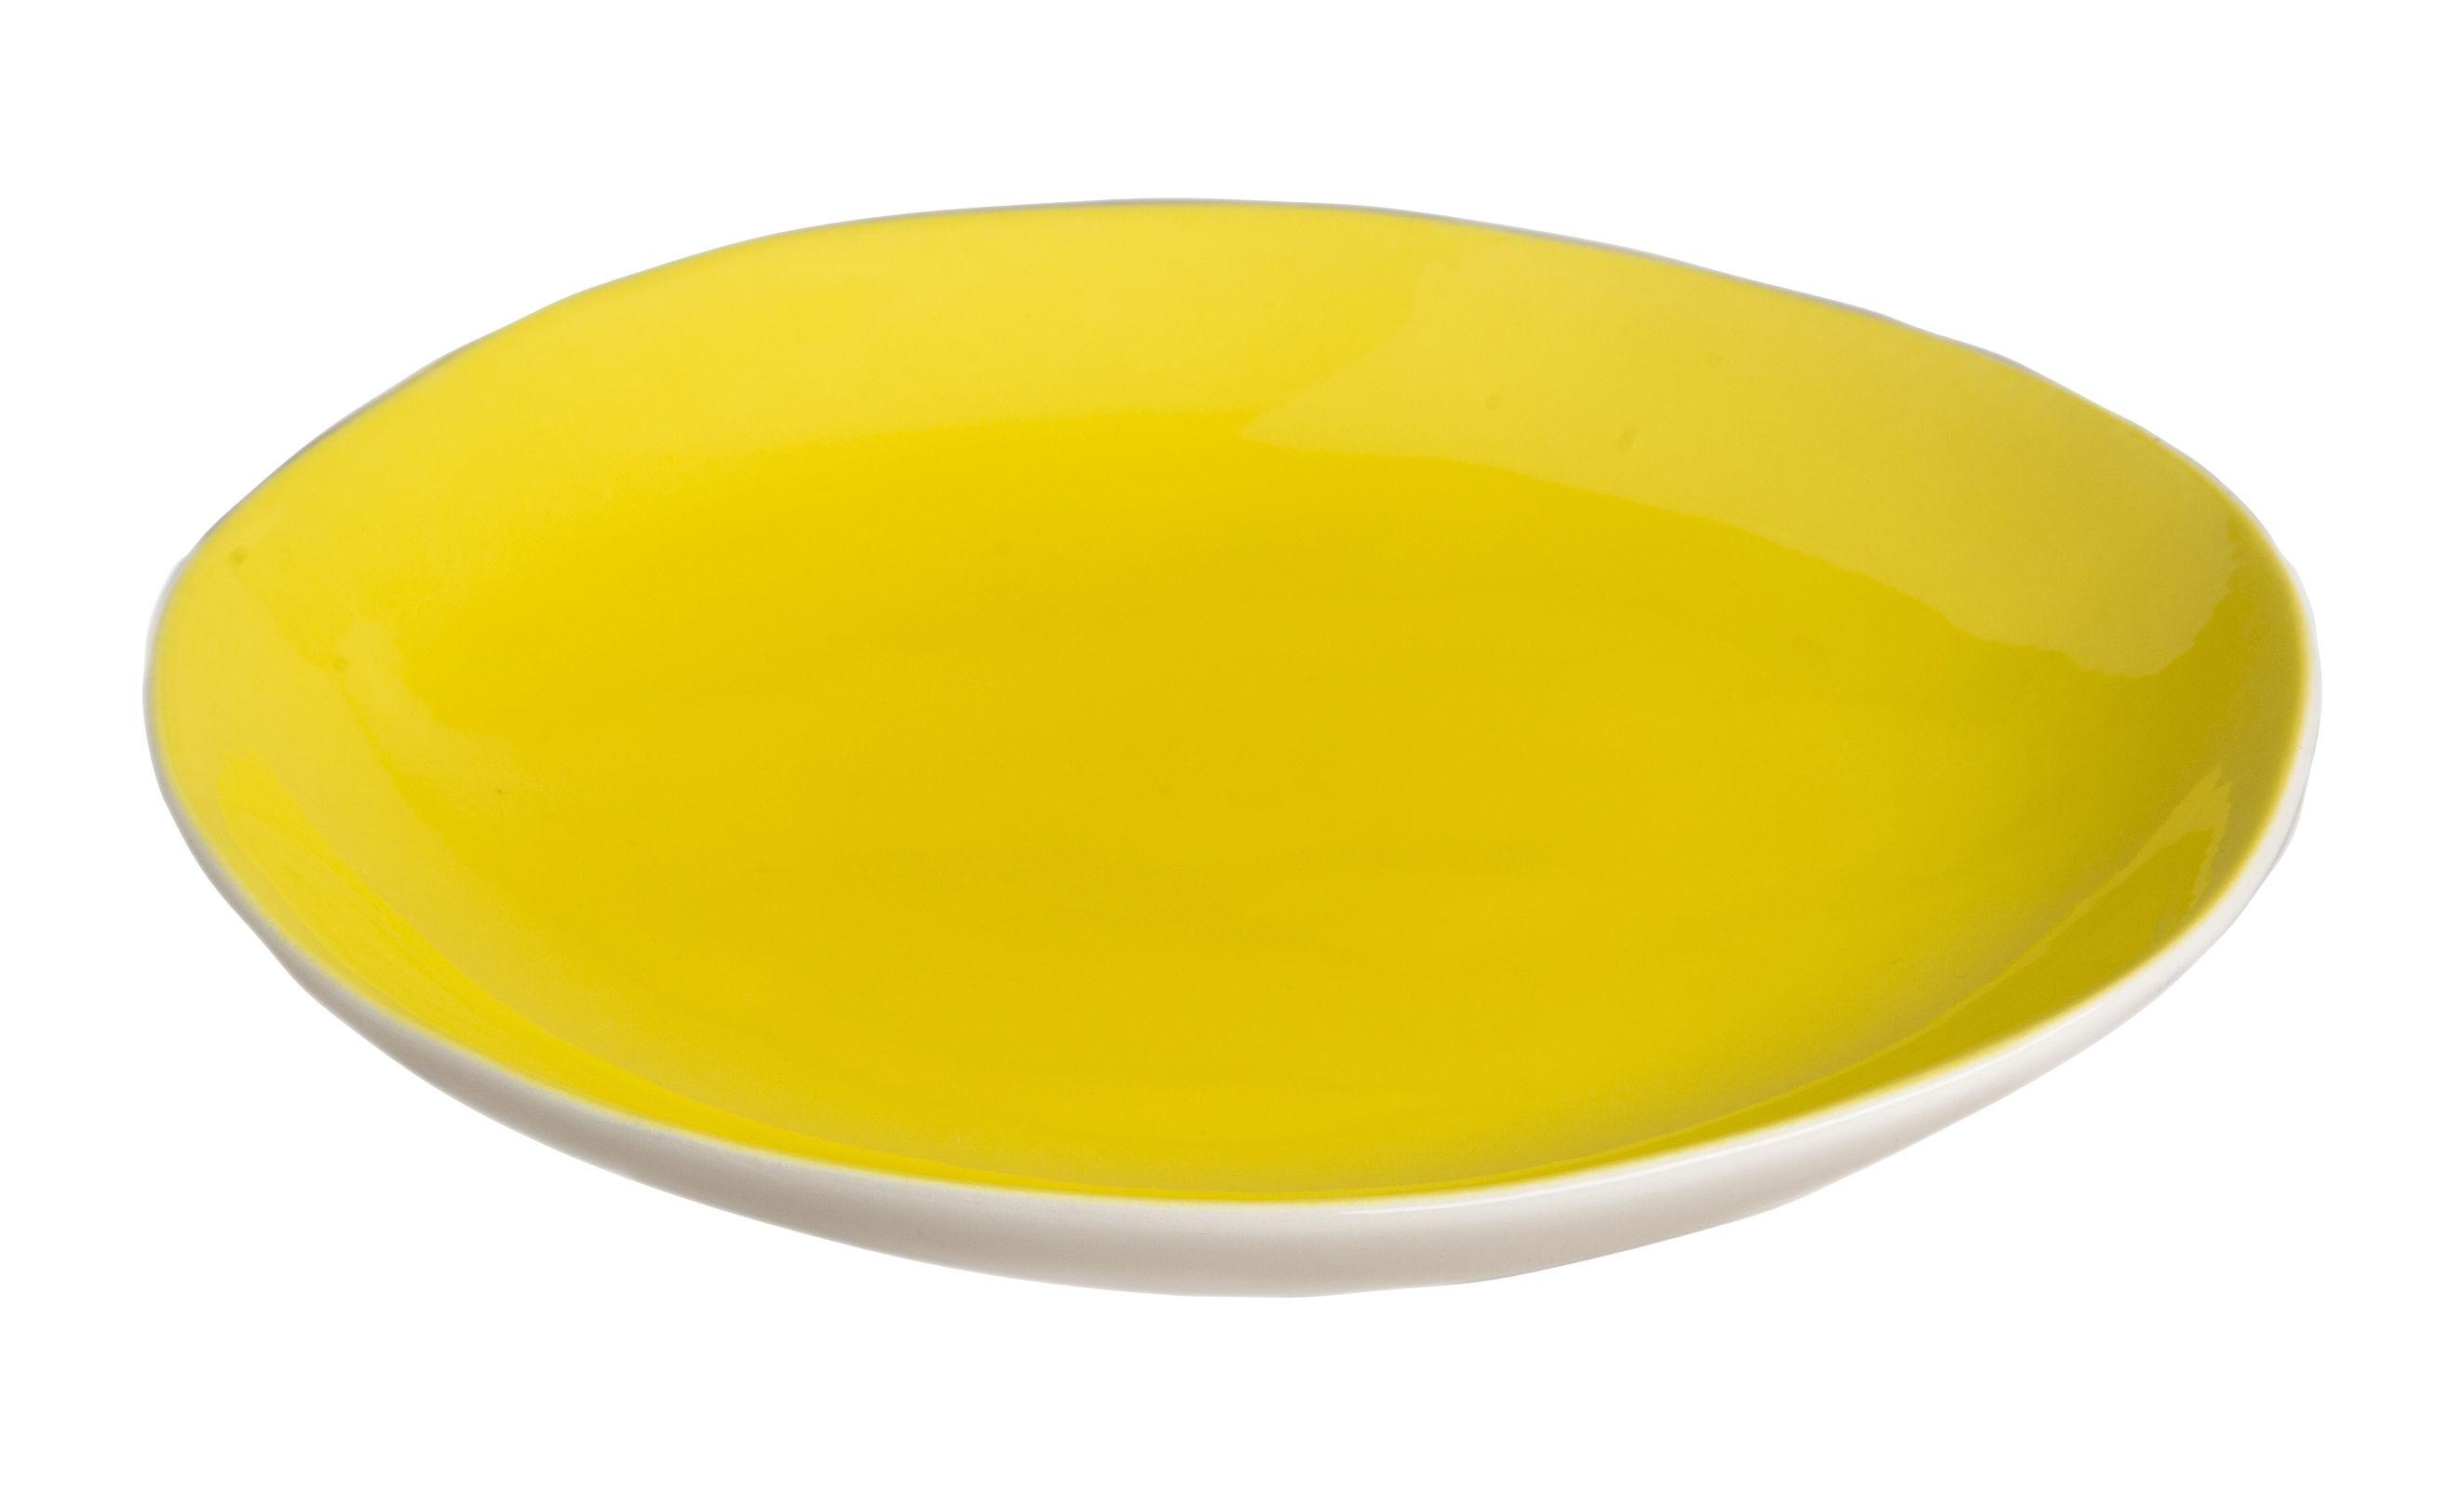 Arts de la table - Assiettes - Assiette à dessert Bazelaire / Ø 19cm- Fait main - Sentou Edition - Jaune - Faïence émaillée